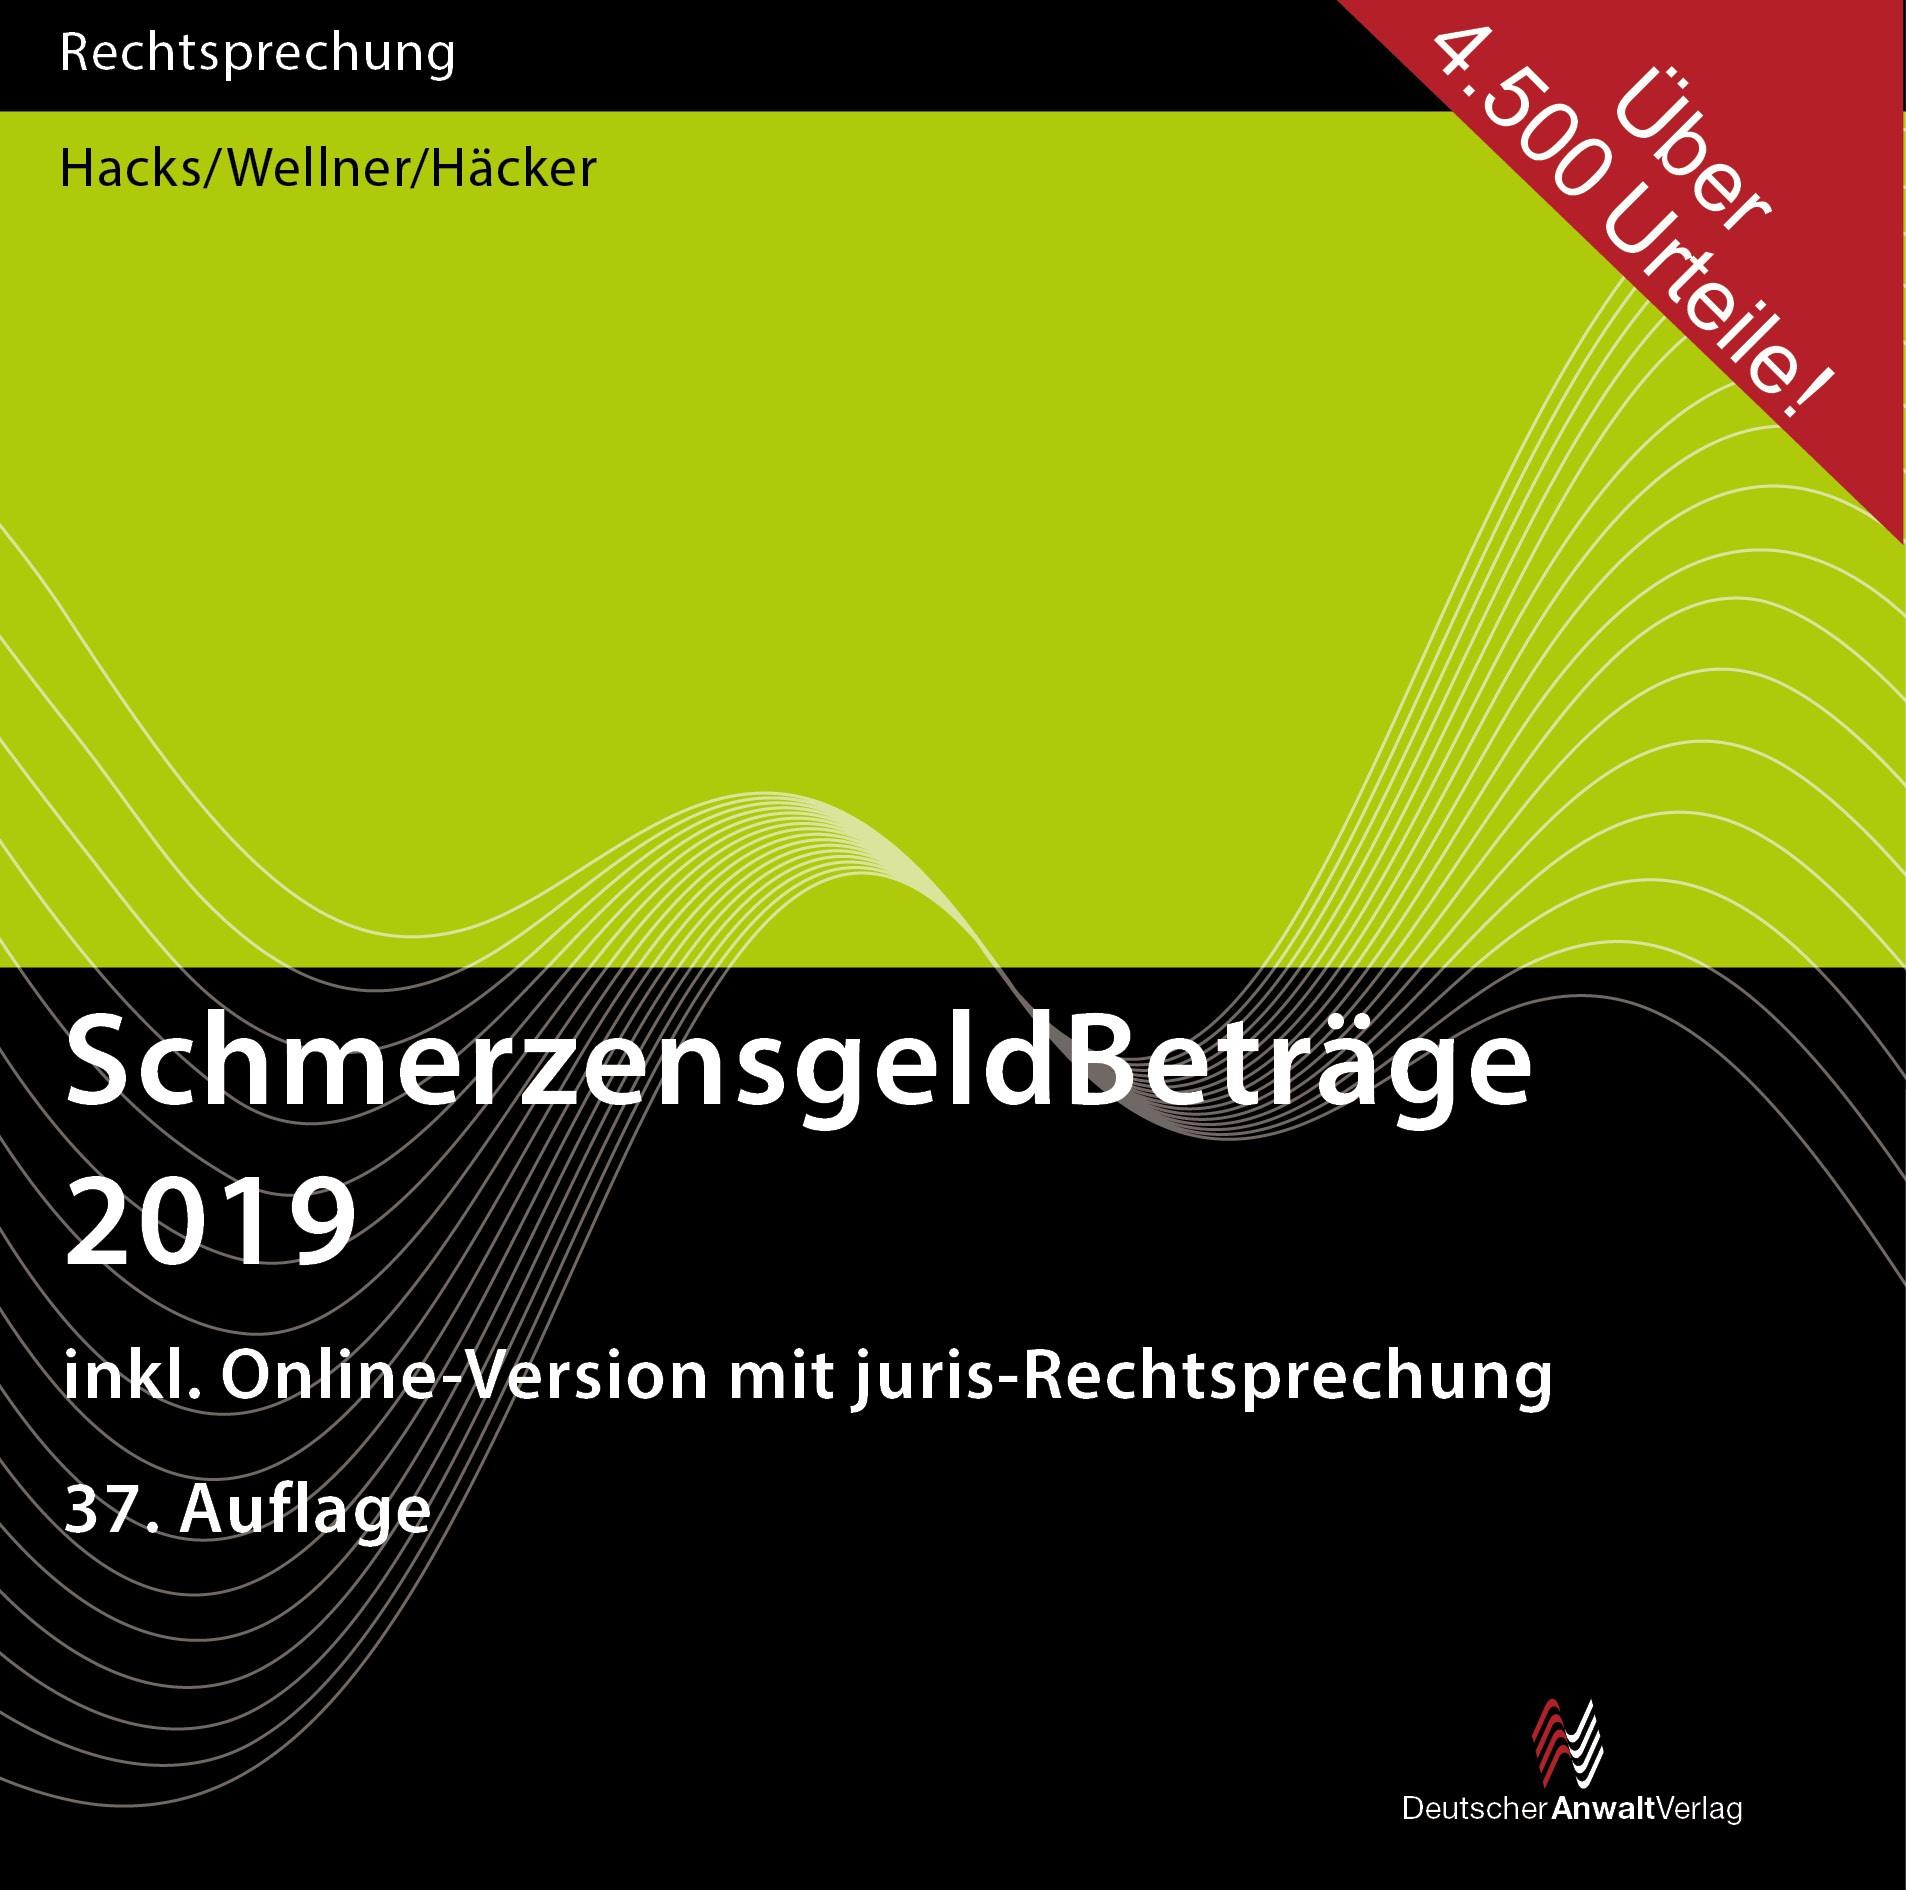 SchmerzensgeldBeträge 2019 (CD-ROM plus Online-Zugang)   Hacks / Wellner / Häcker   37. Auflage, 2018 (Cover)